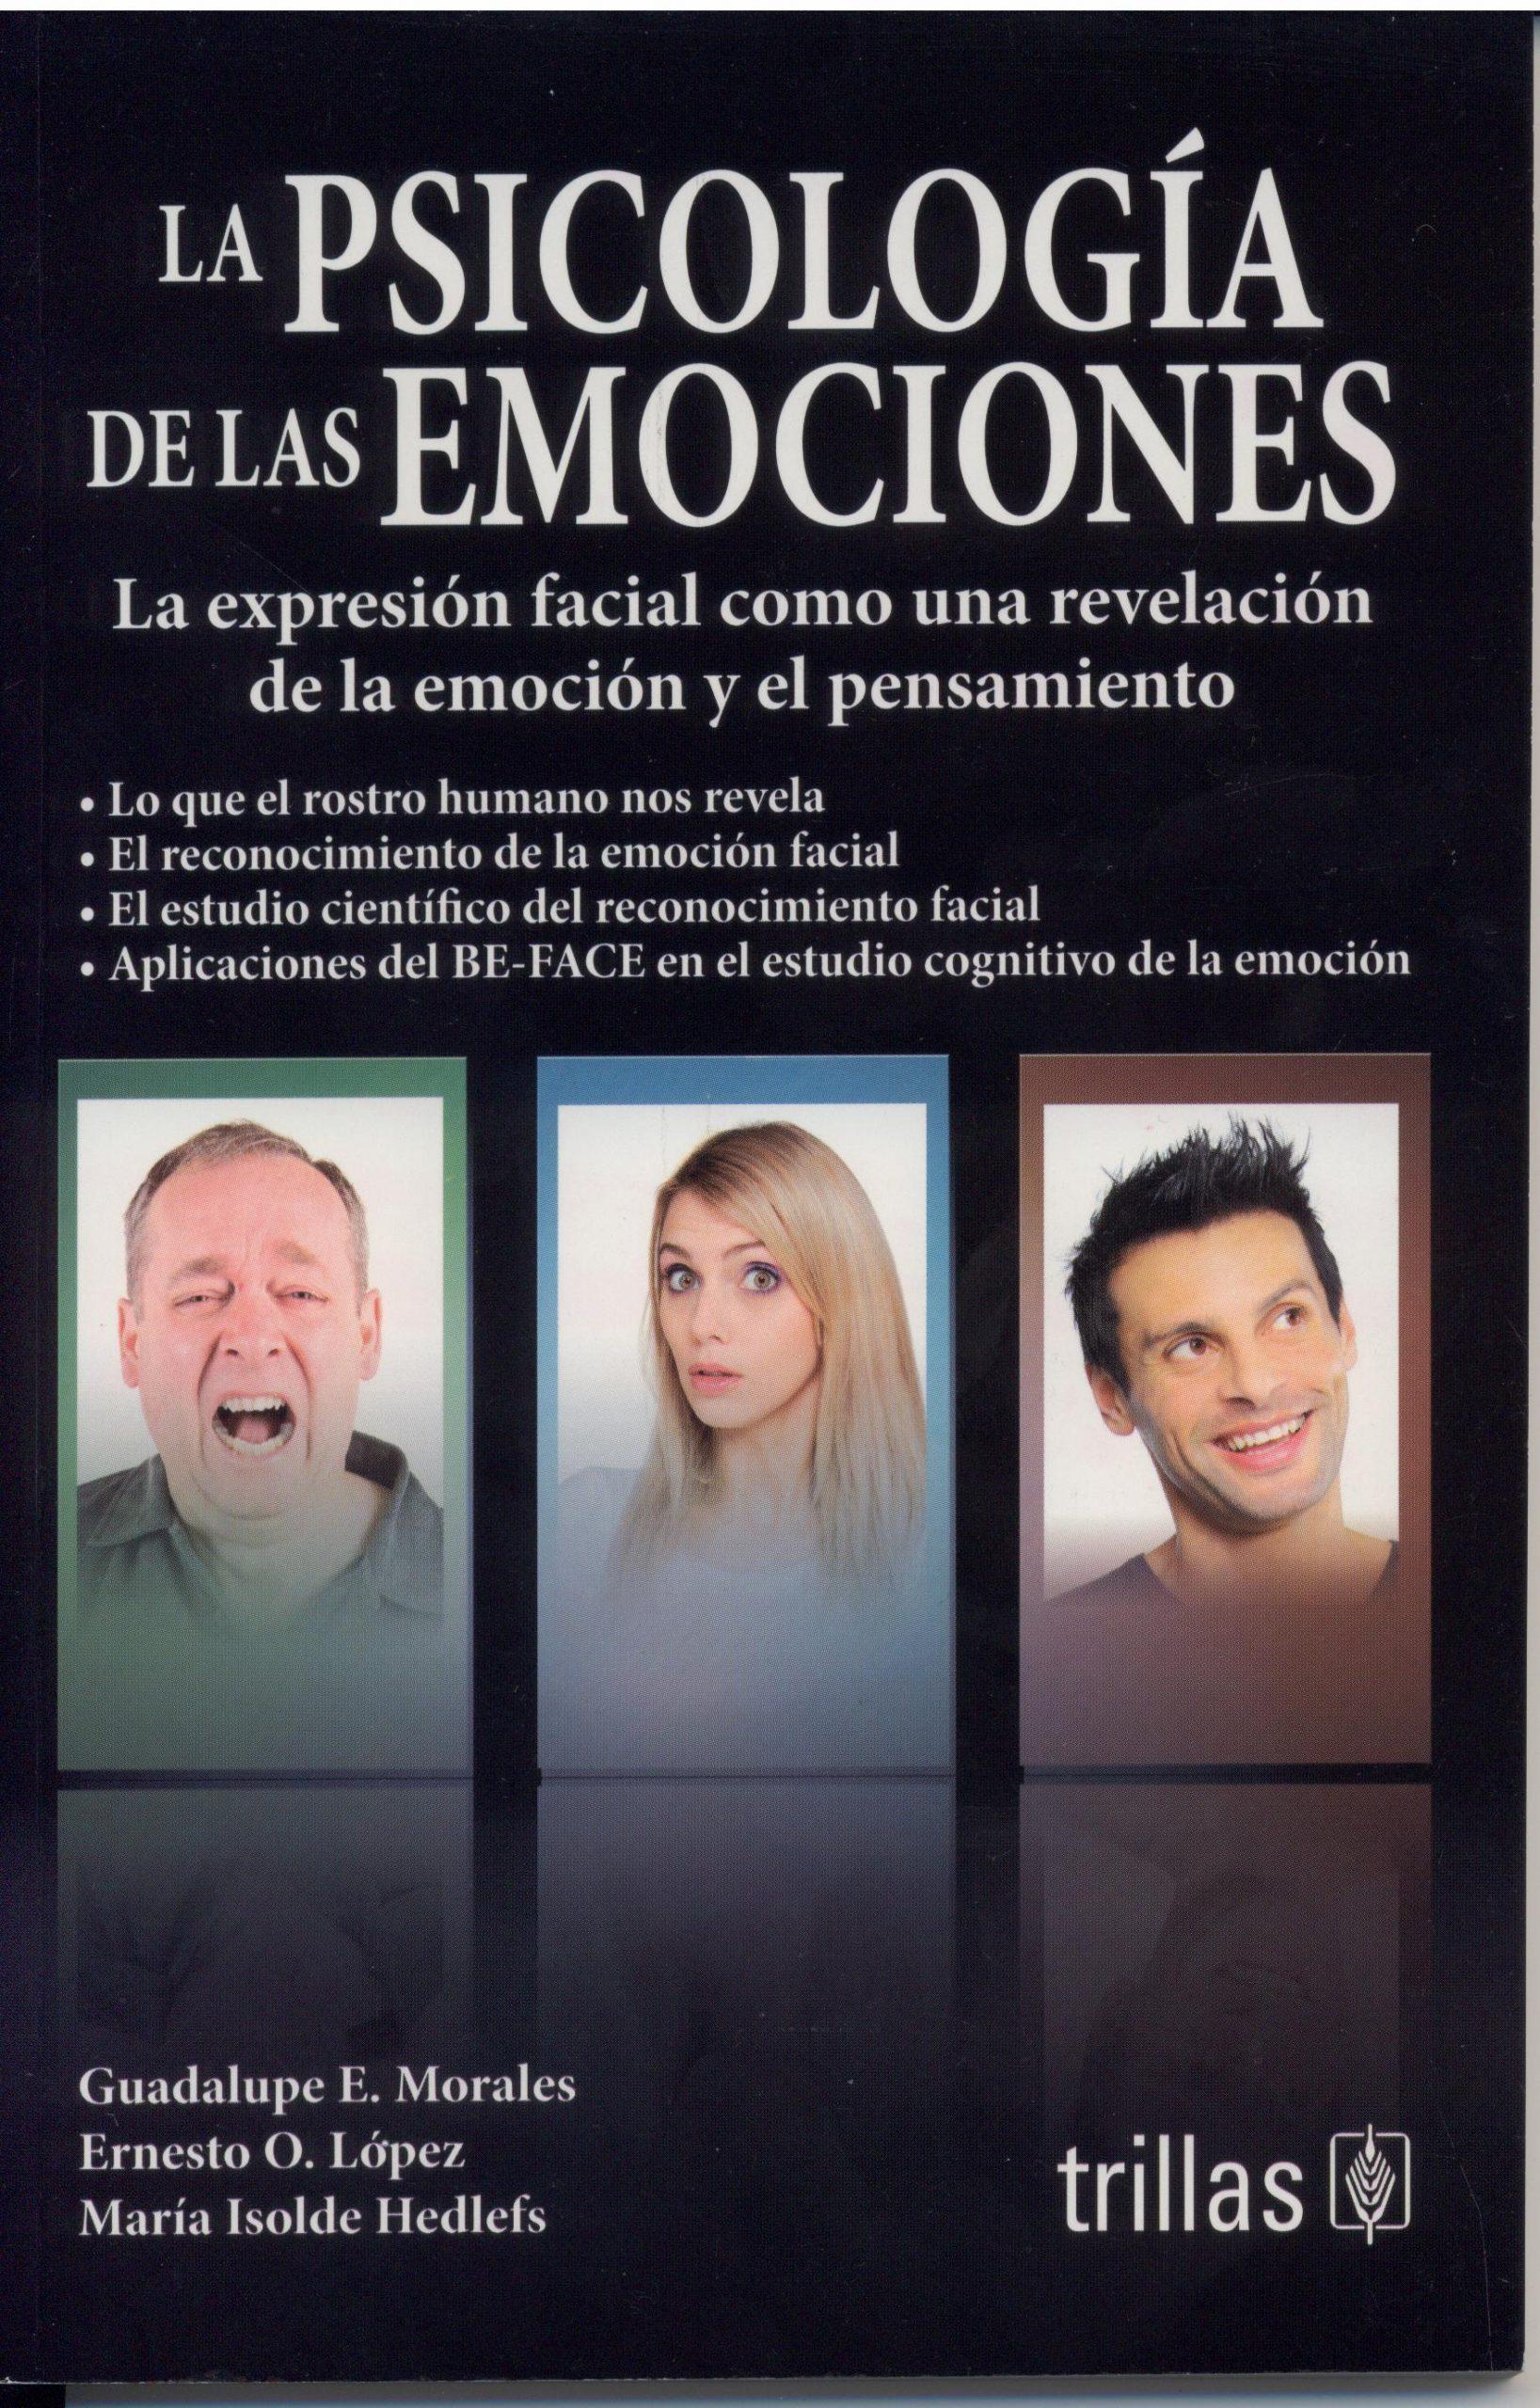 La Psicología de las Emociones